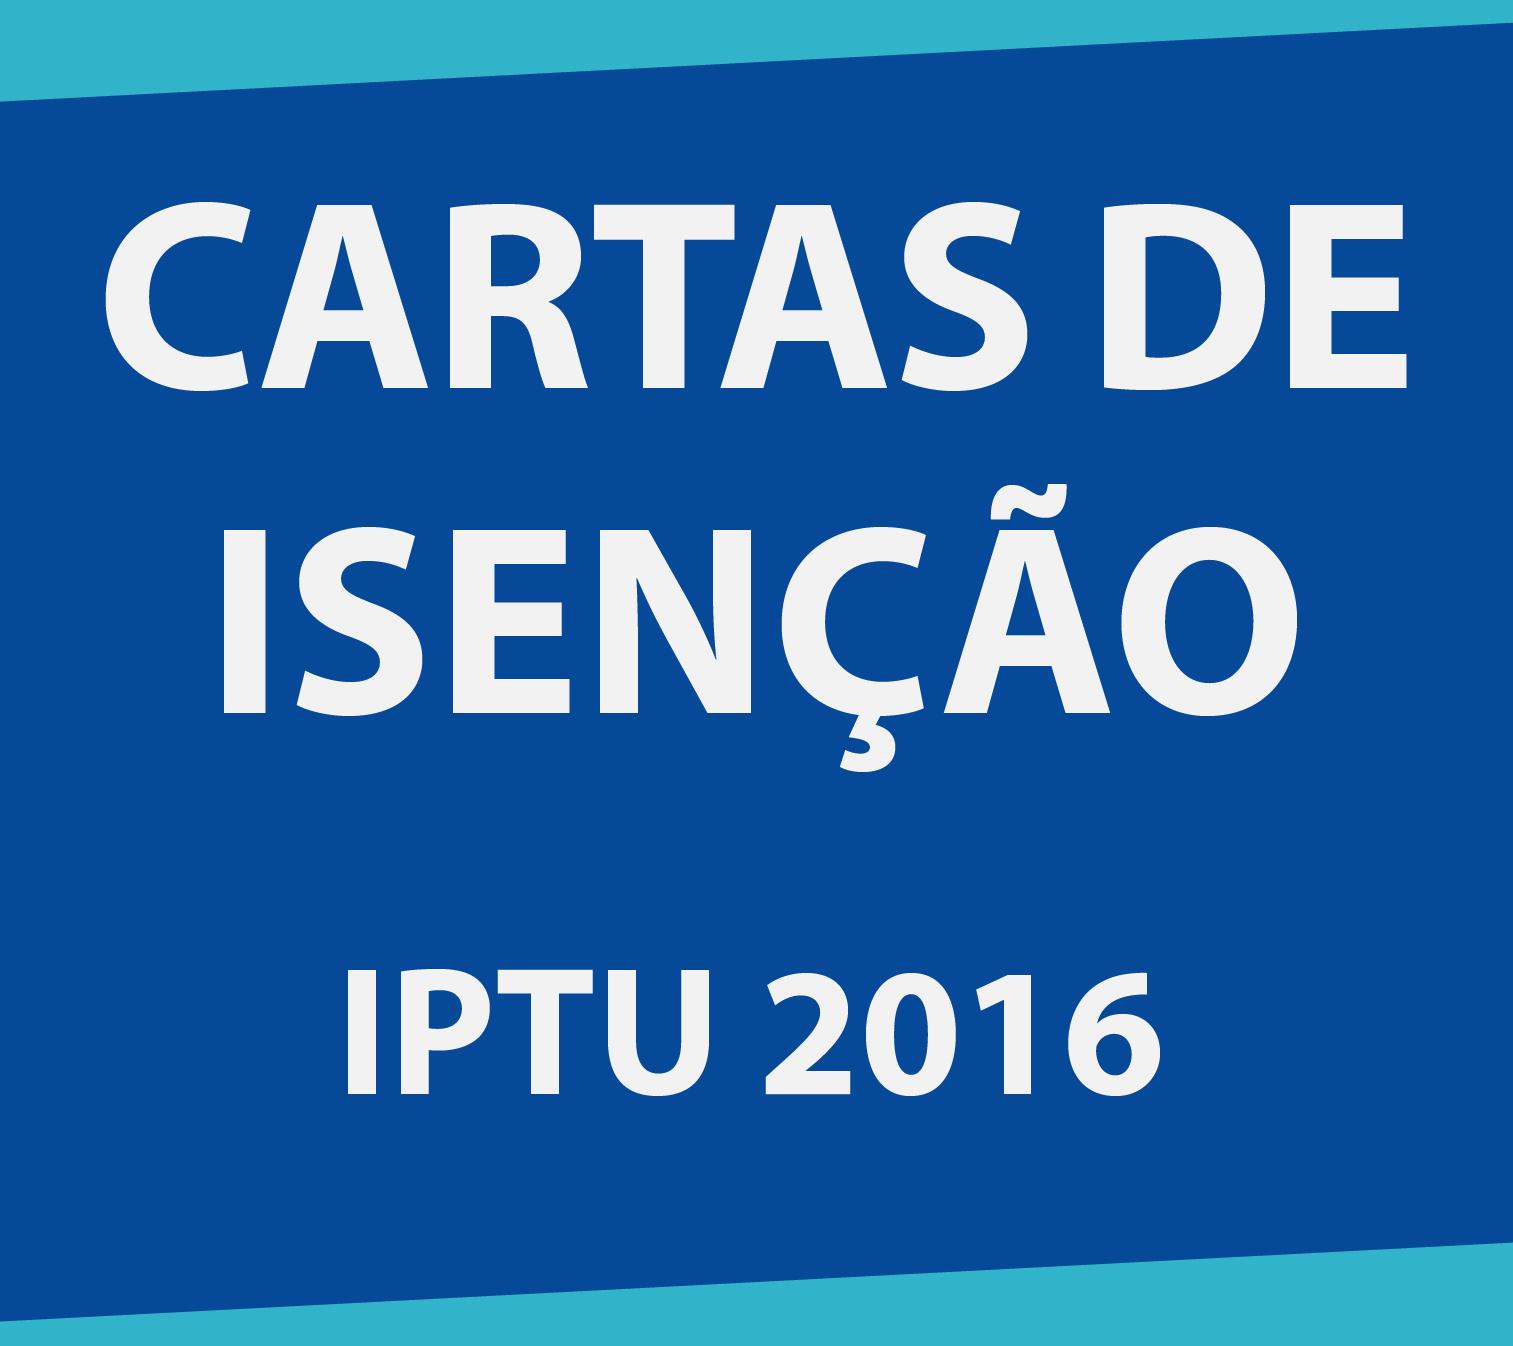 Cartas de Isenção IPTU 2016